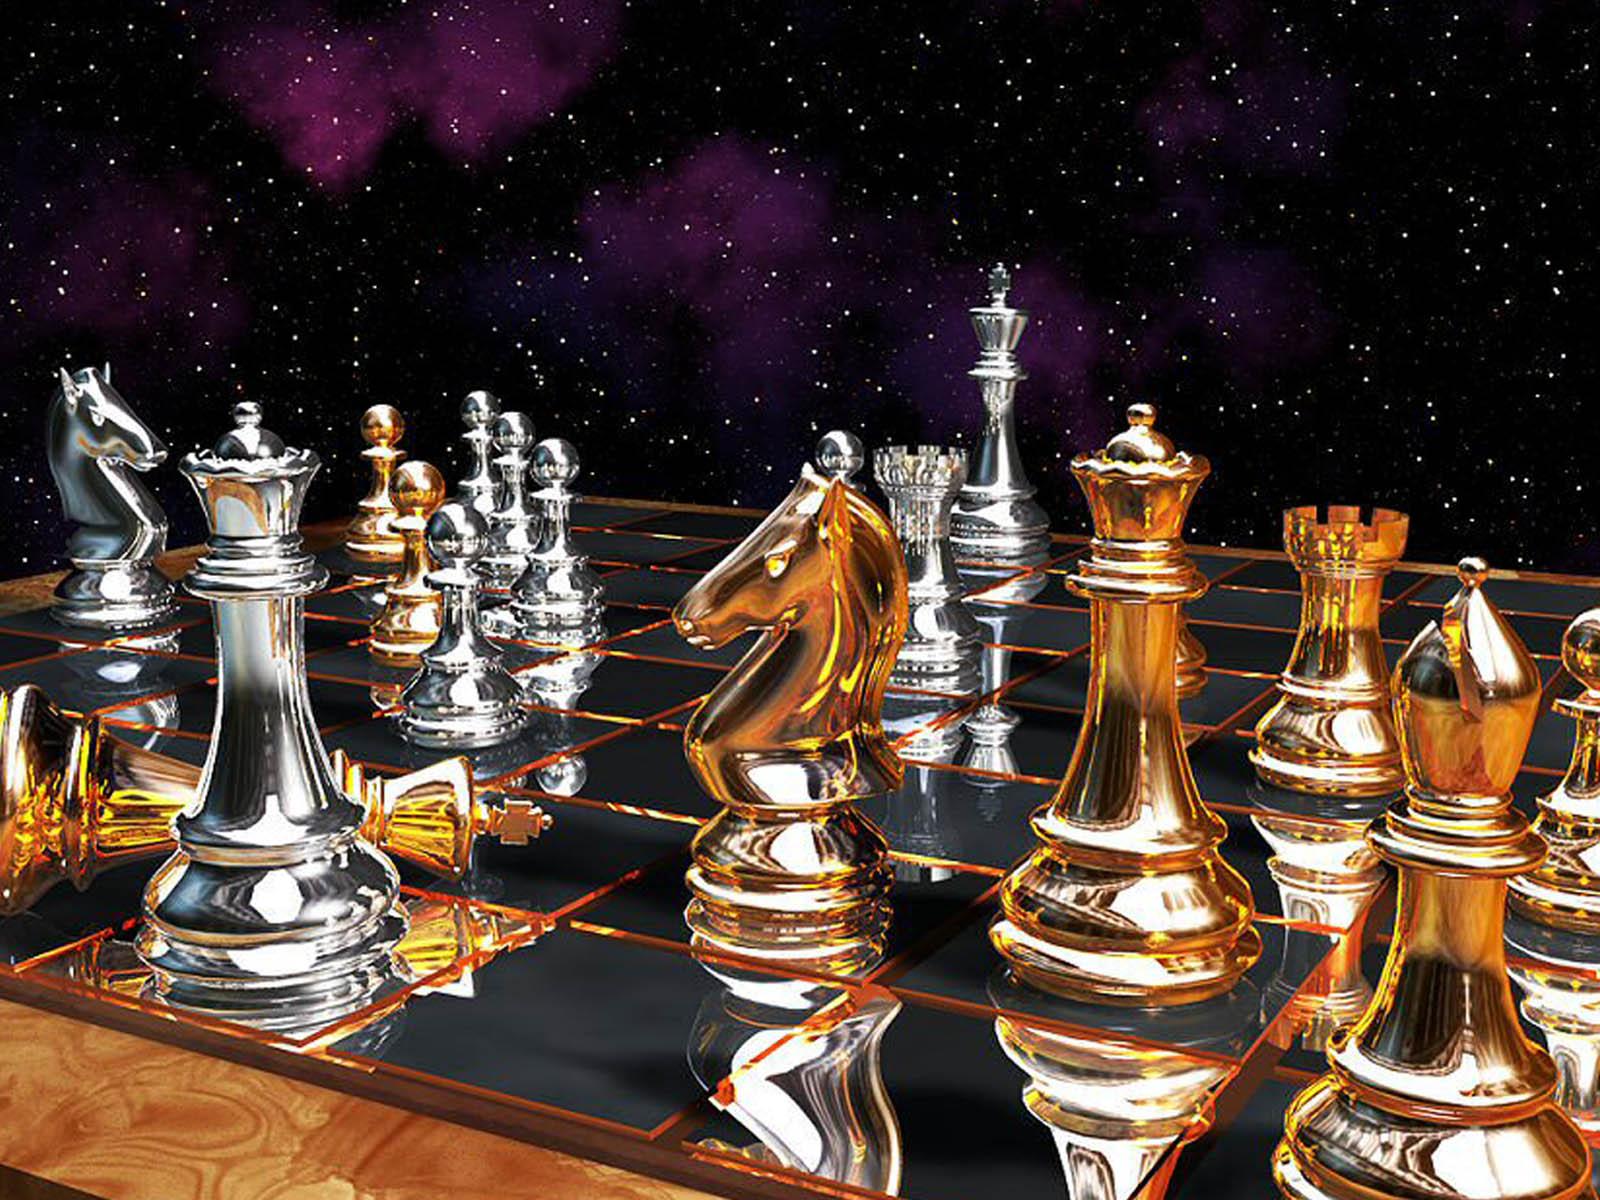 Chess Wallpaper Chess Game Hd Wallpapers: Chess Wallpaper Widescreen